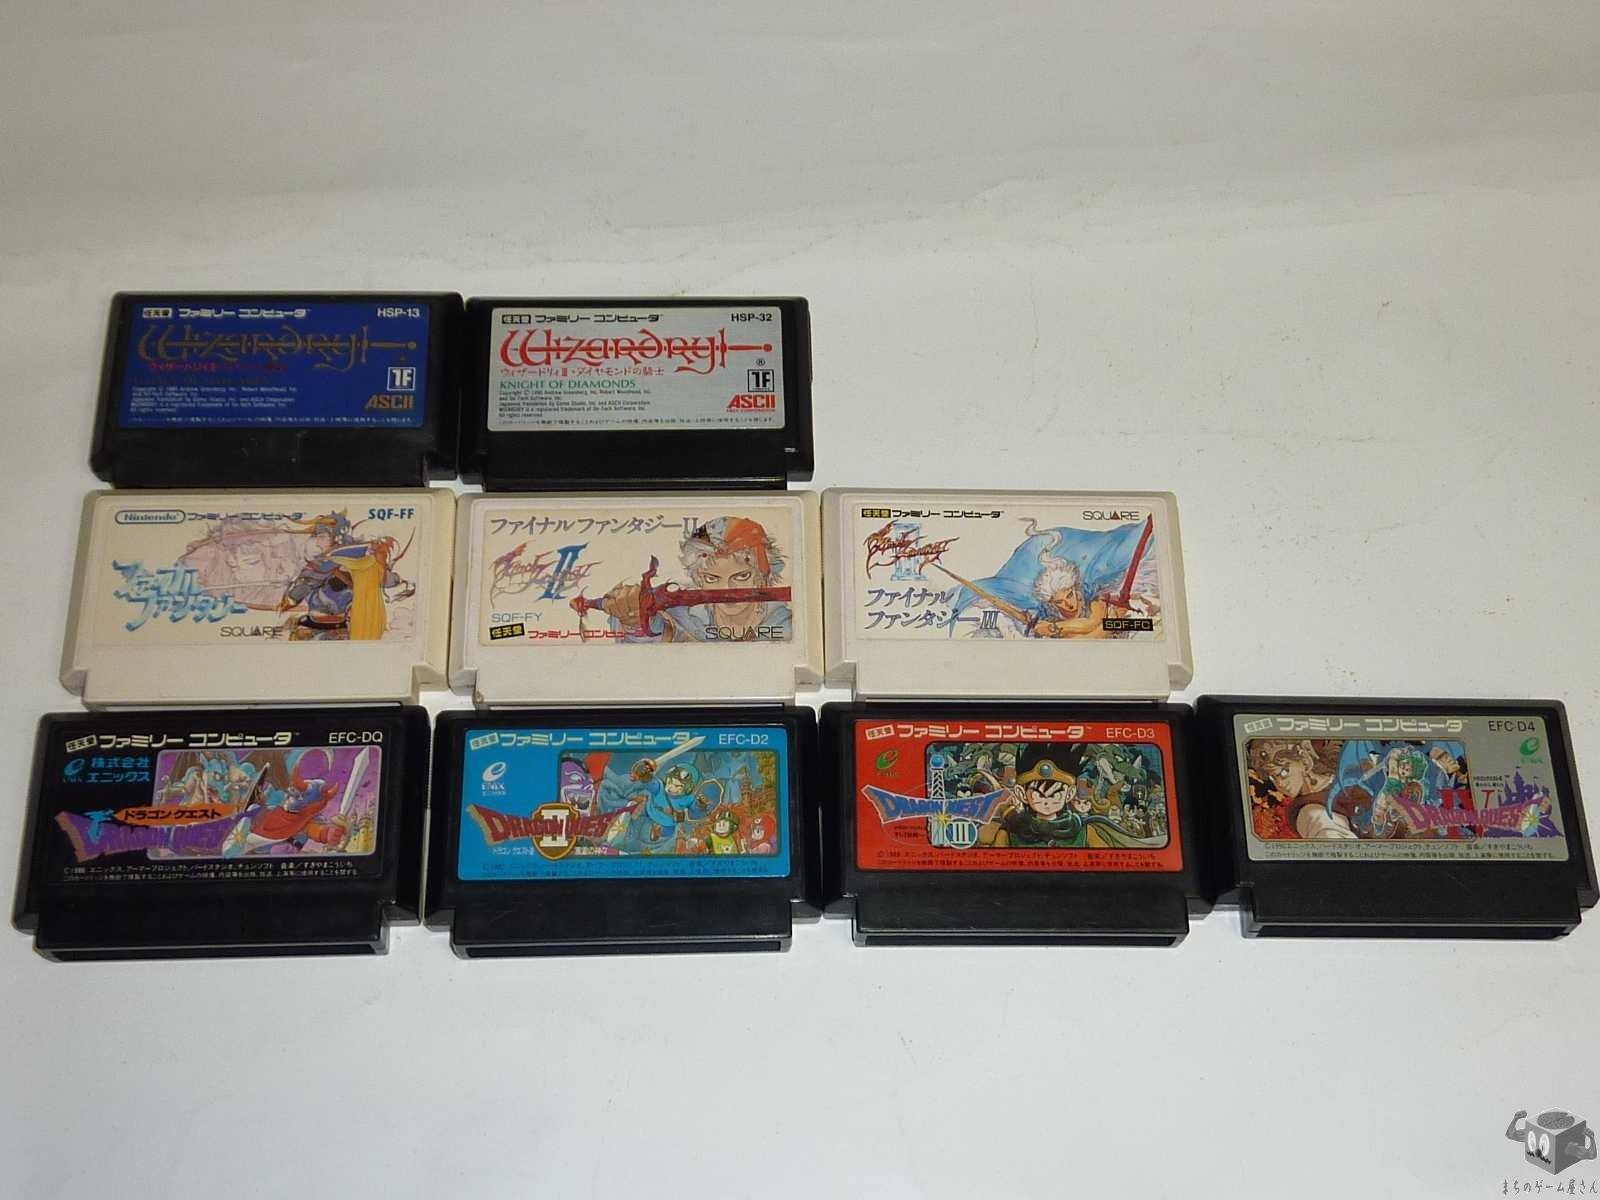 [FC] Dragon Quest I~IV...etc 9 Games Set (loose)